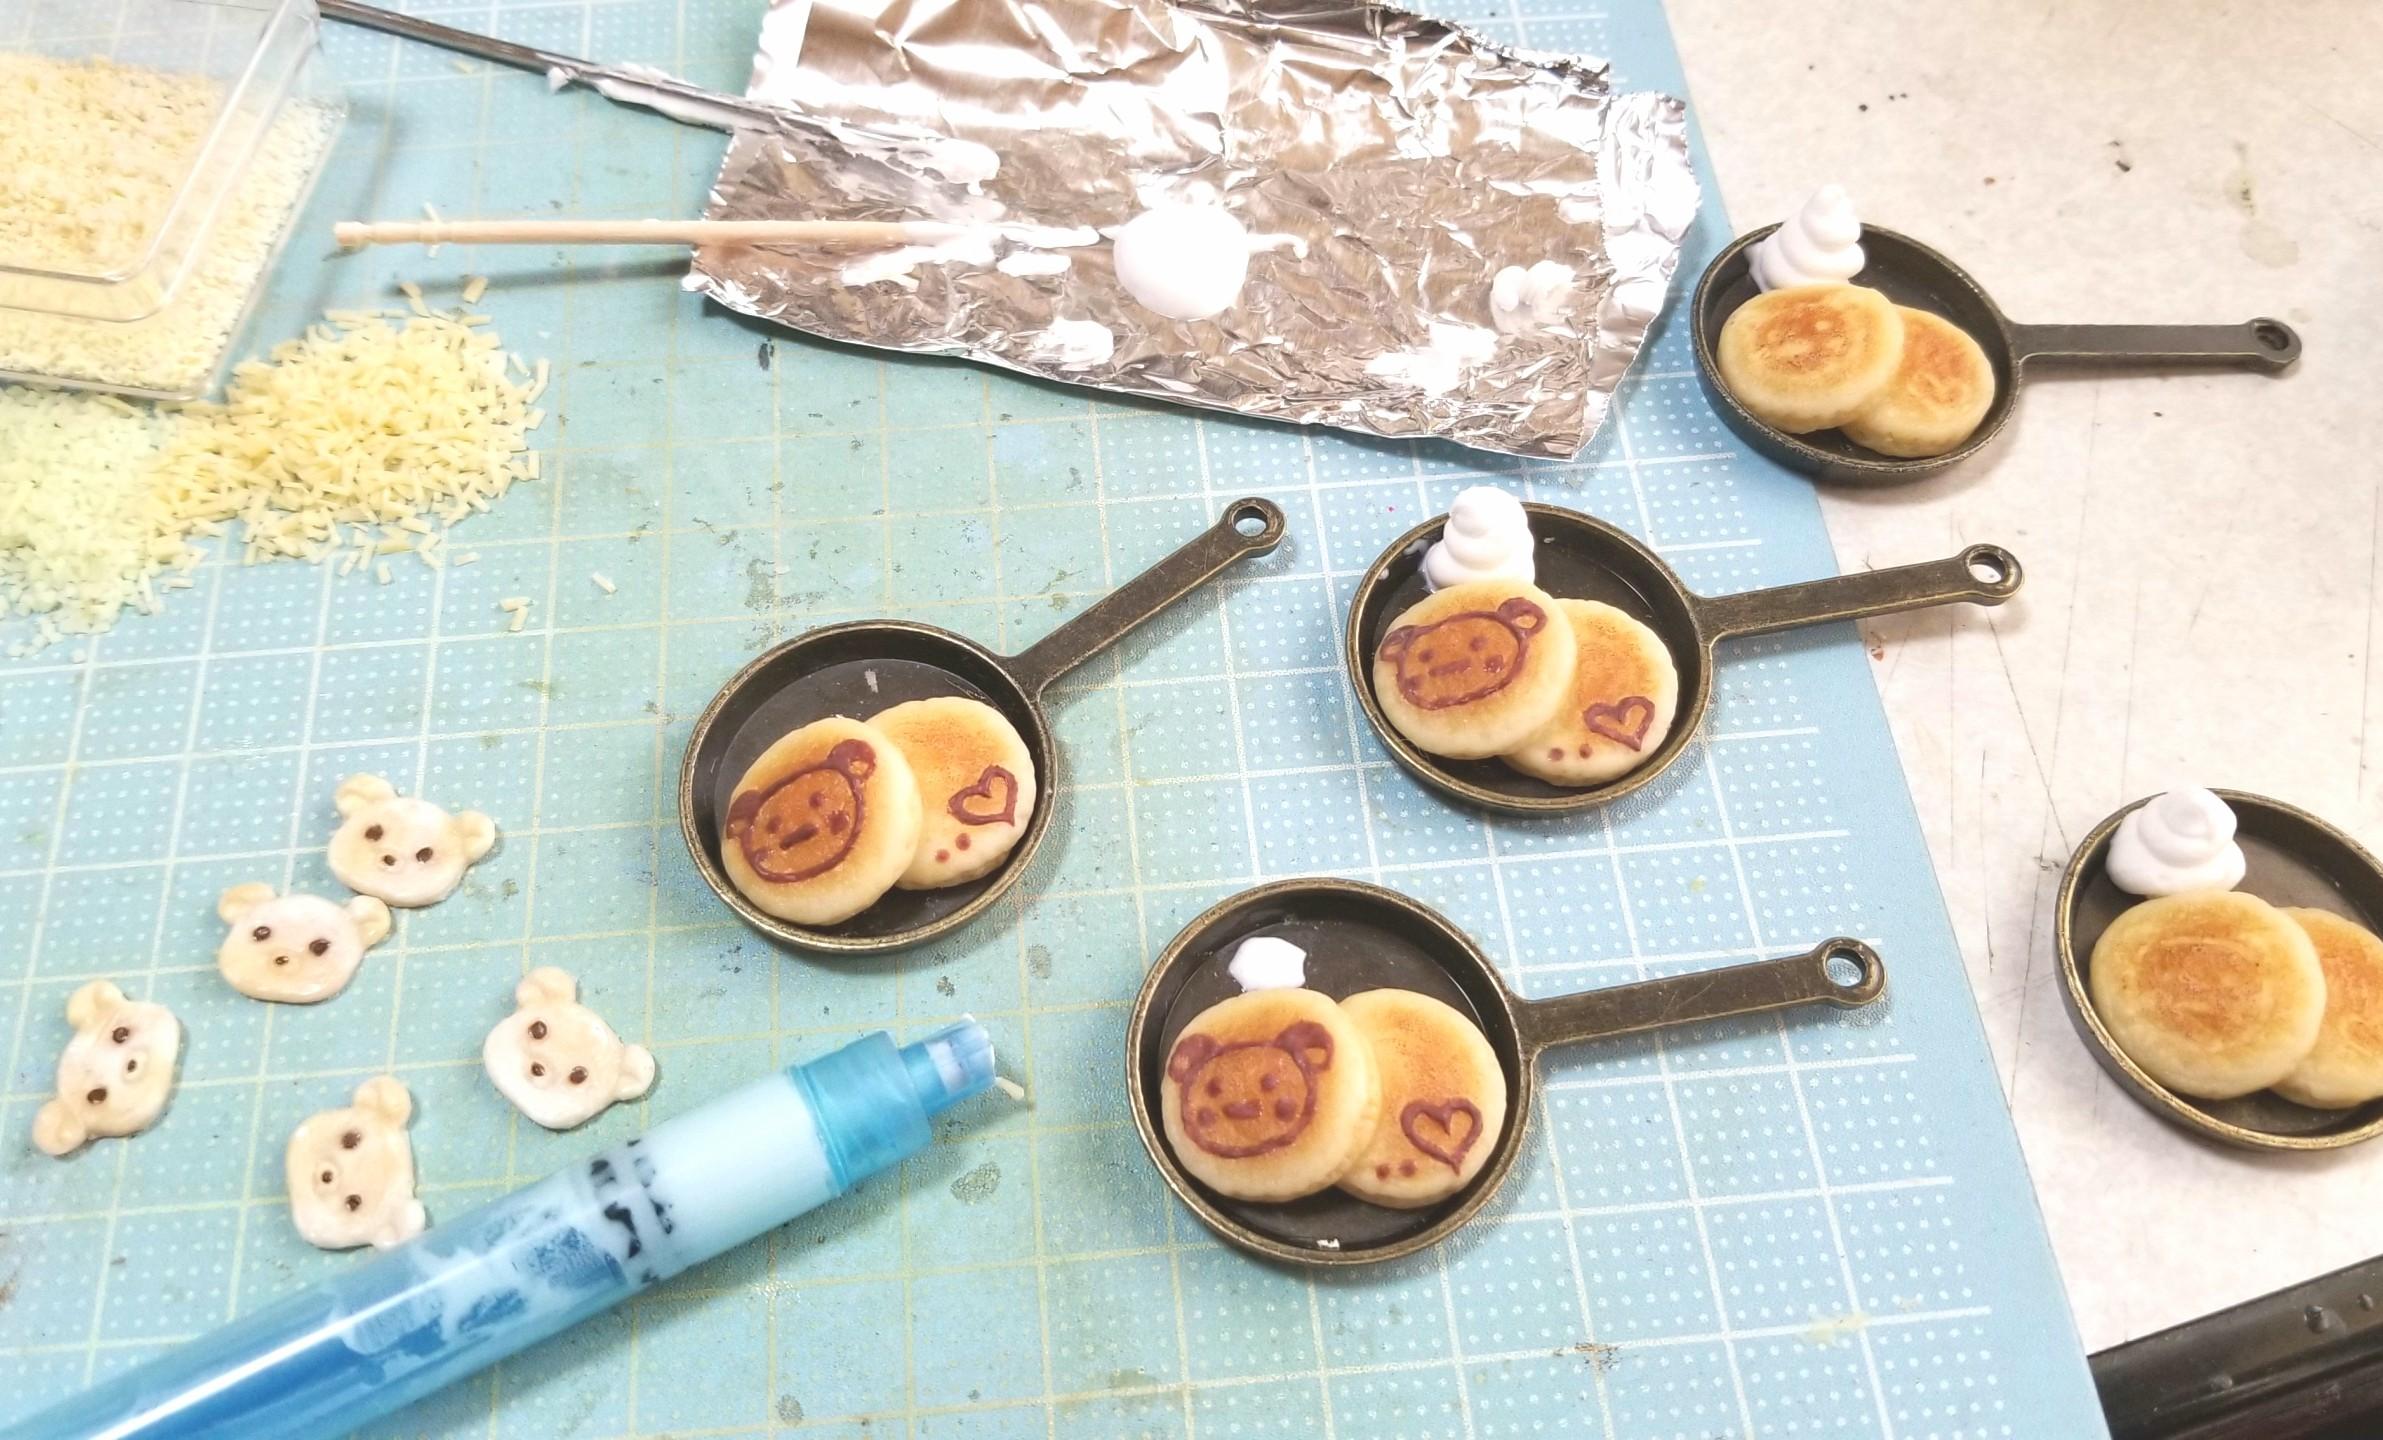 ミニチュアフード,クマちゃんホットケーキの作り方,フェイクフード